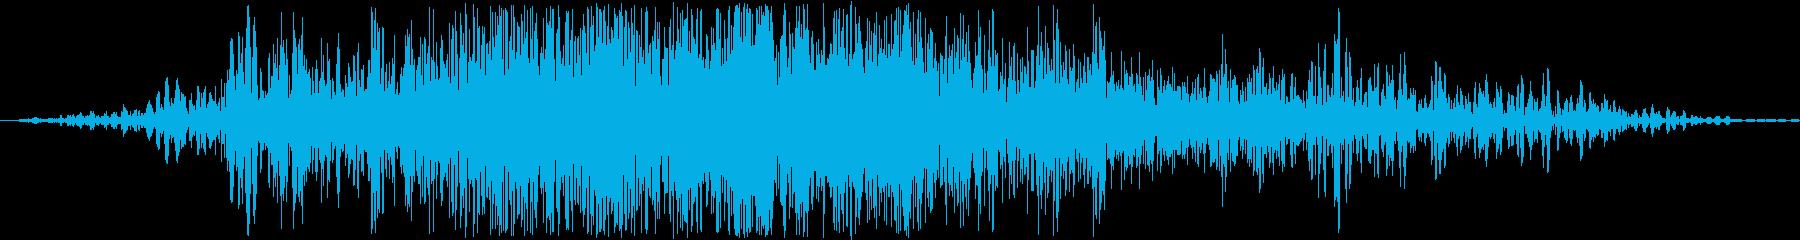 ザーァァ。ふすまを開けるときの音です。の再生済みの波形